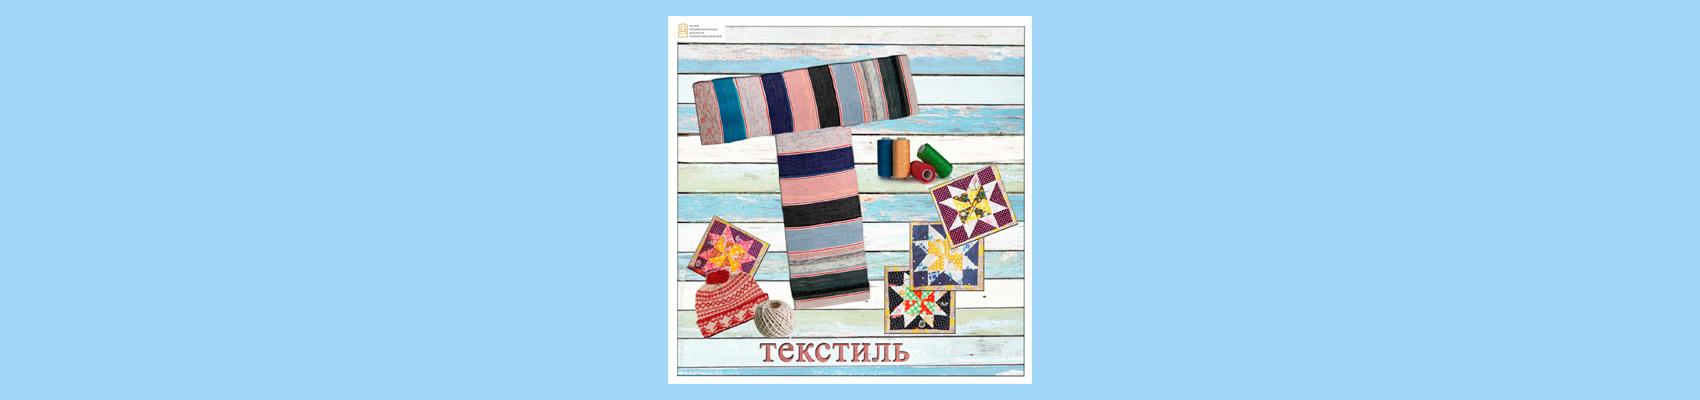 текстиль горизонт